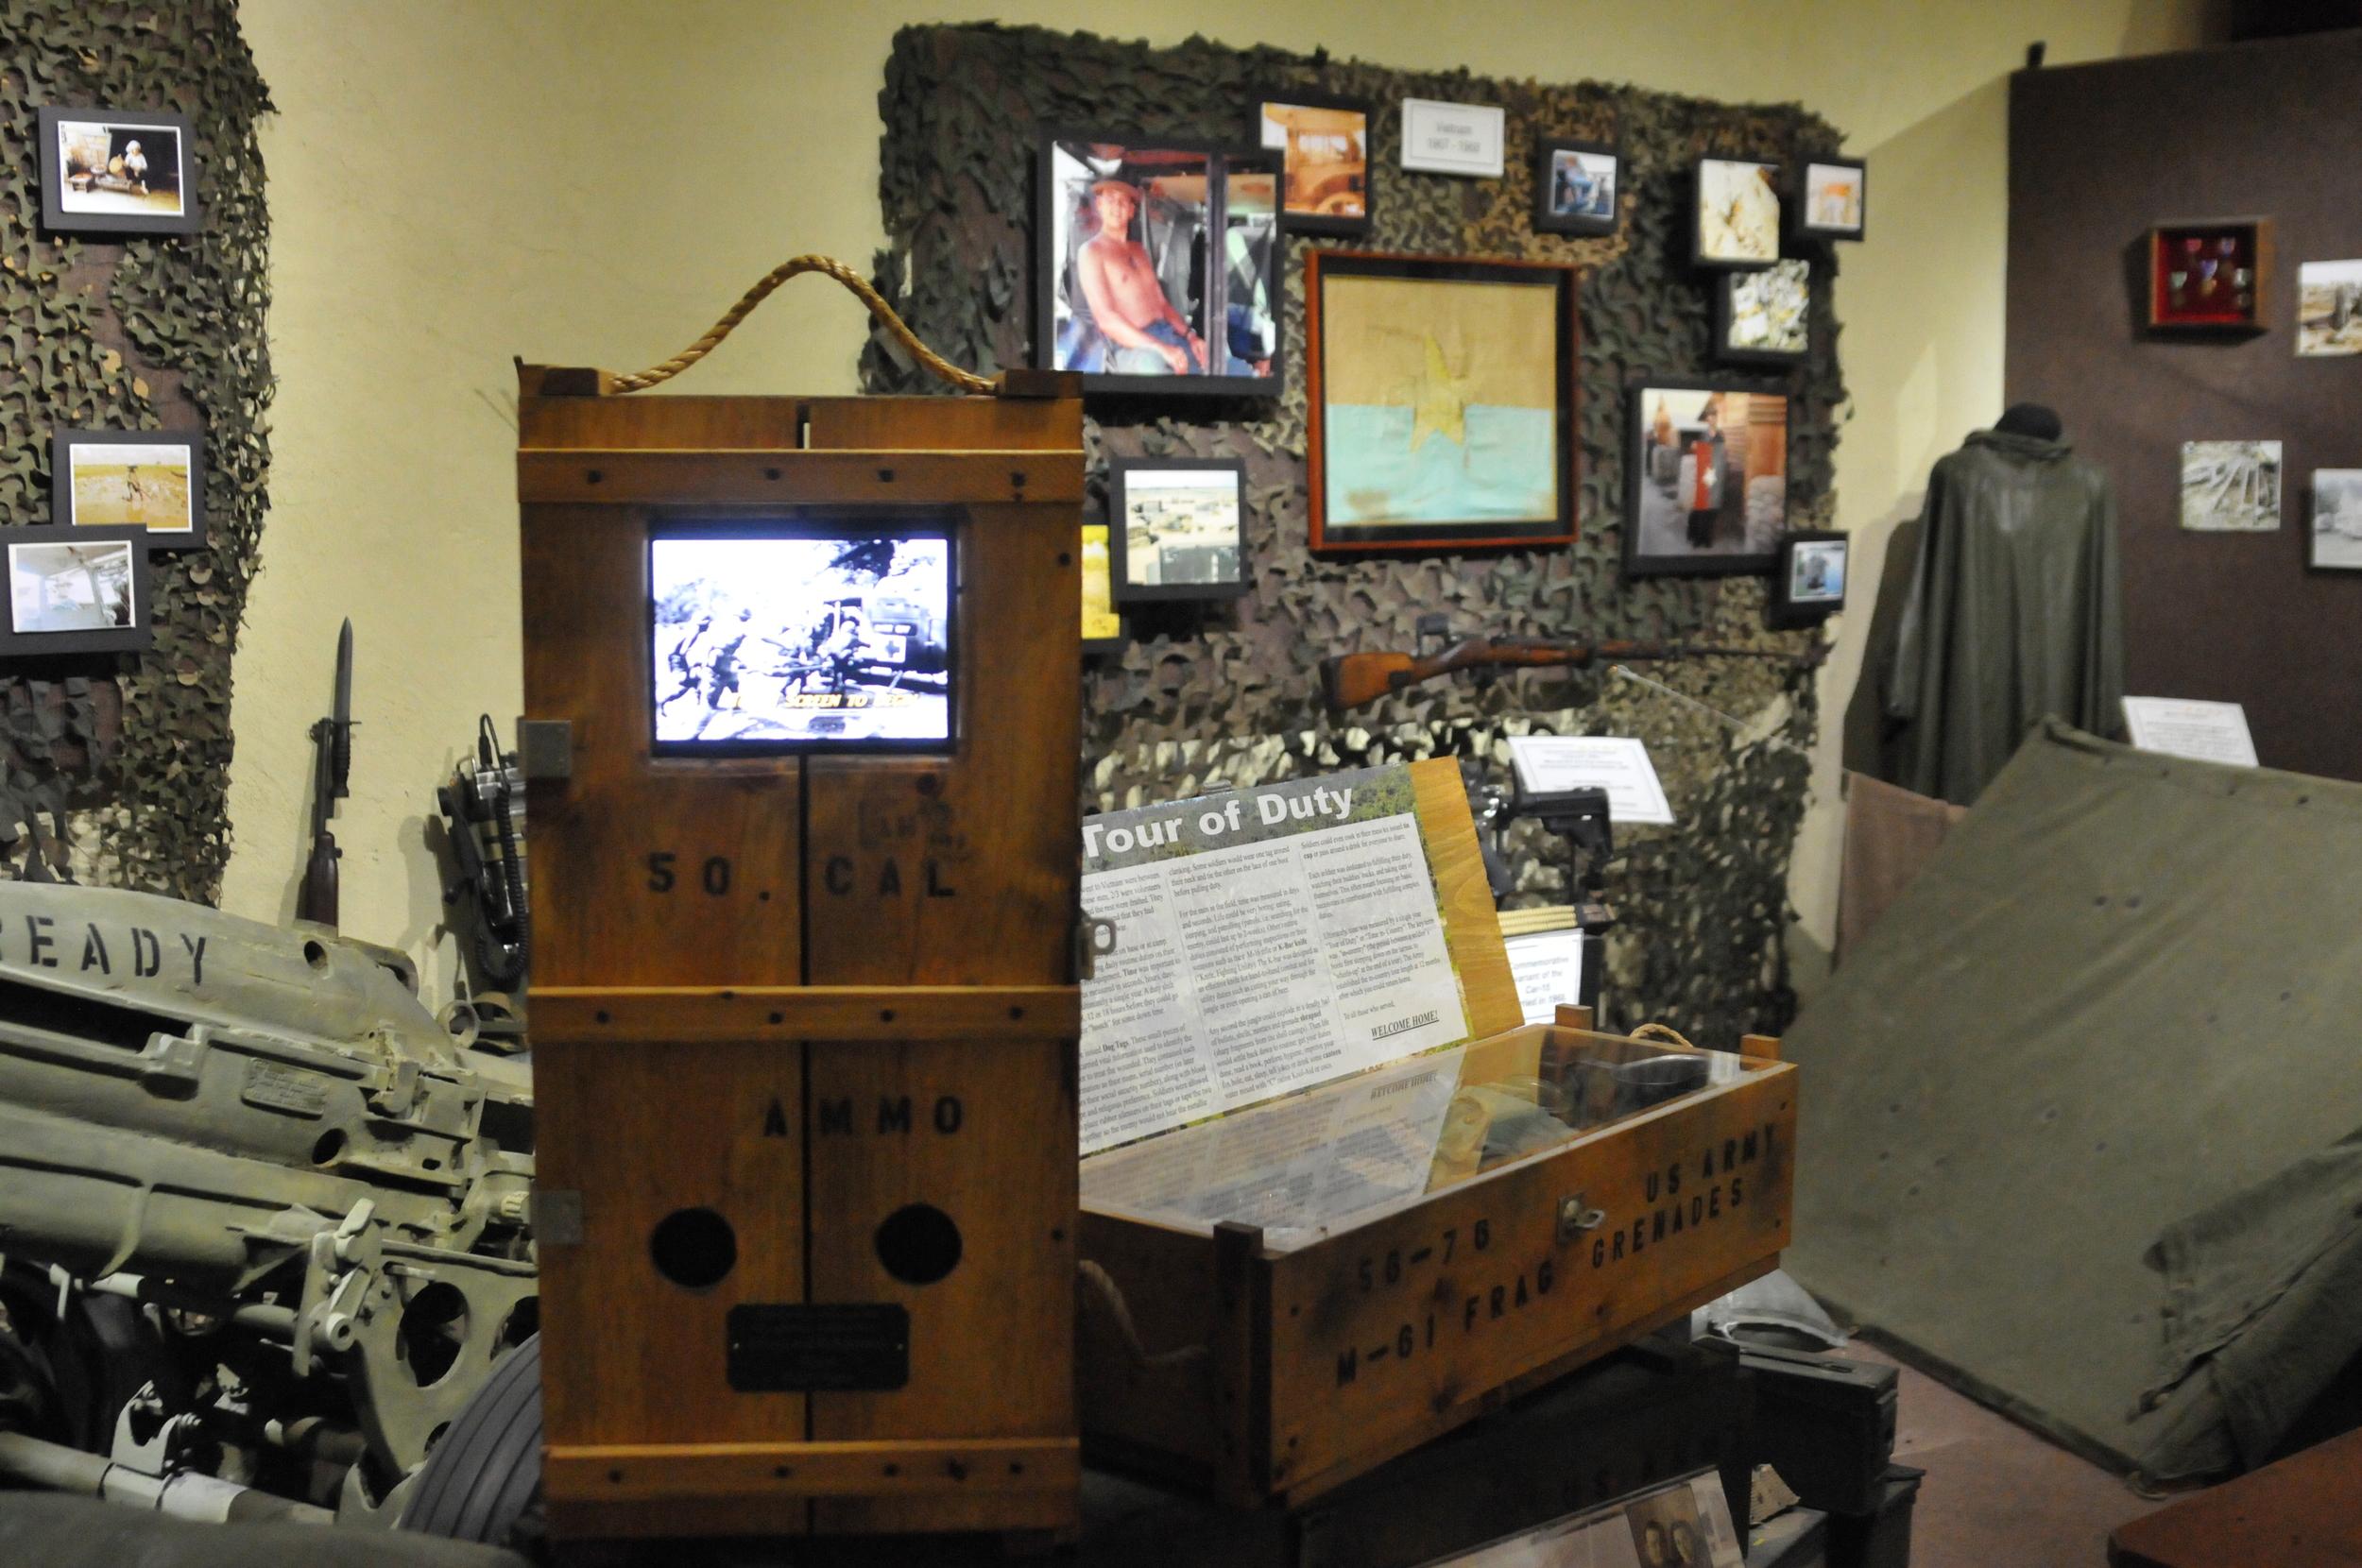 Vietnam interactive Kiosk and exhibit by Warren Martin